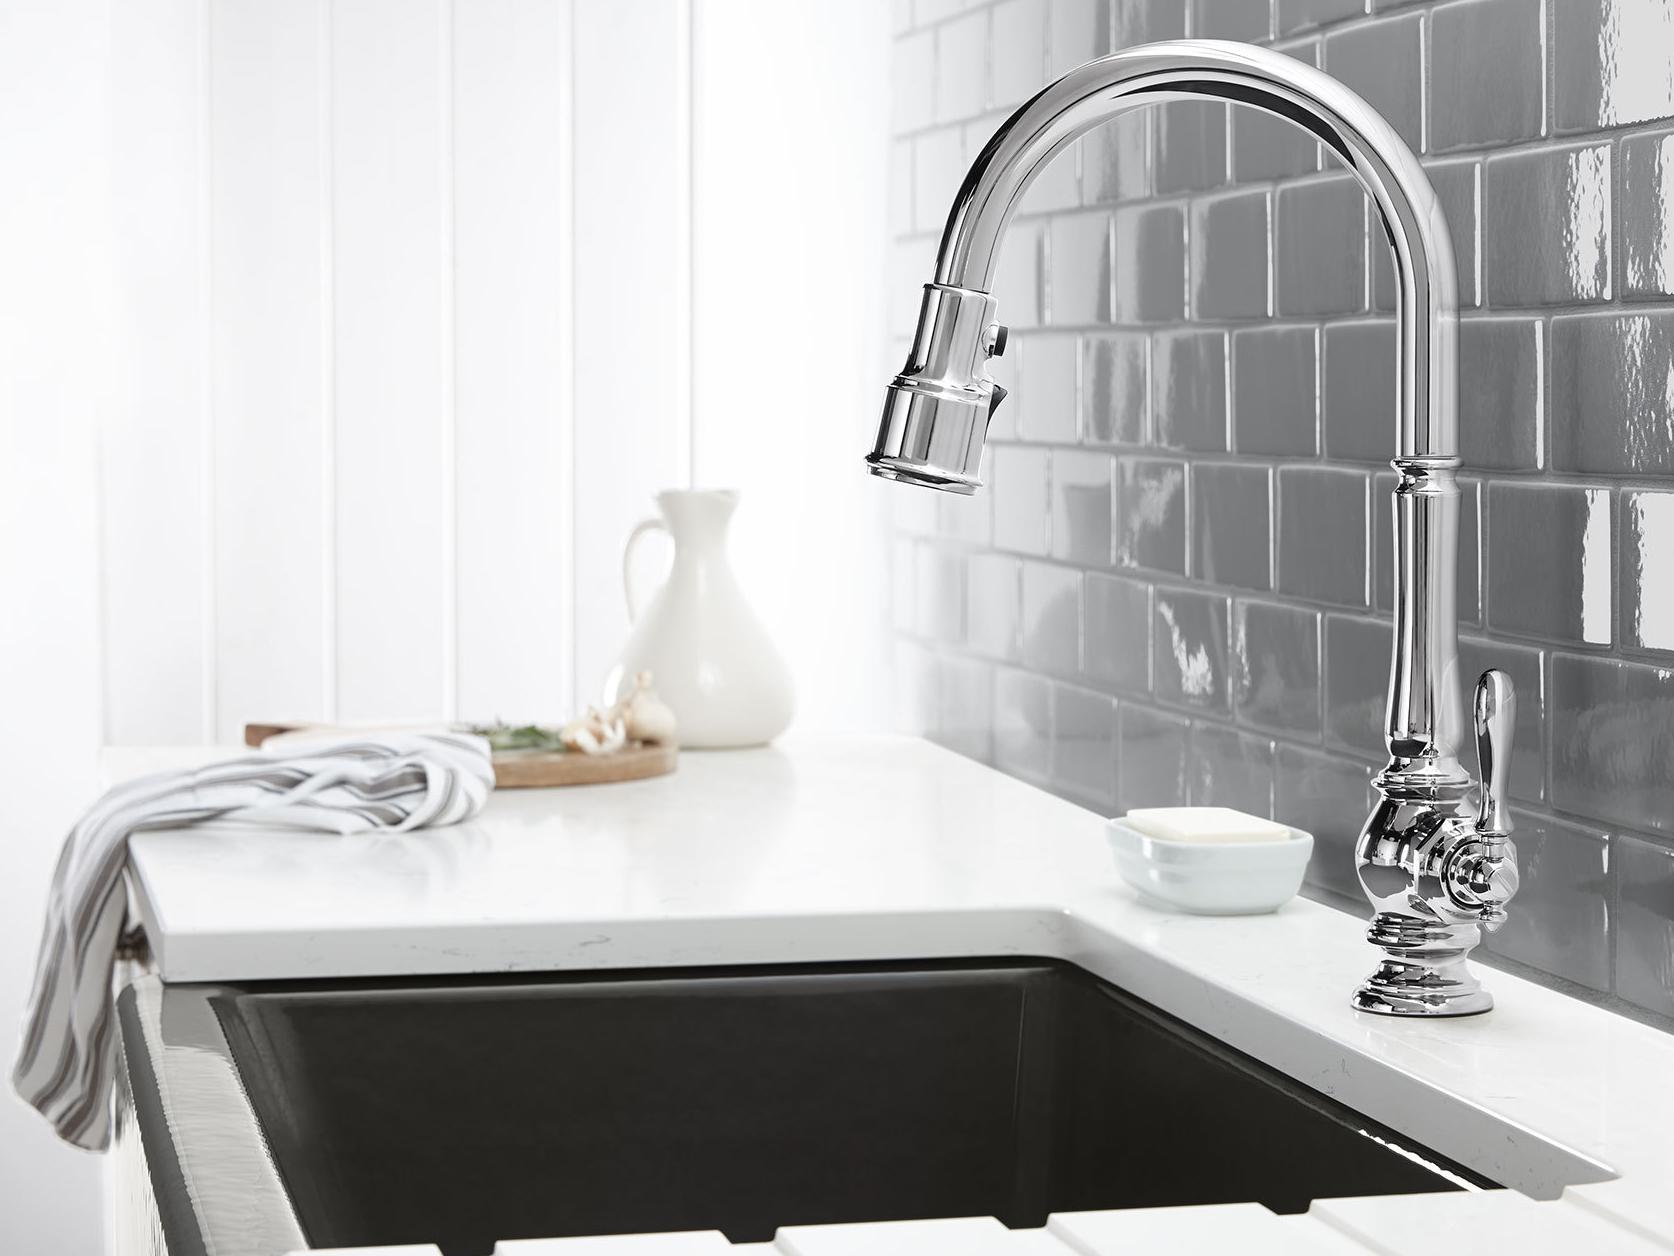 KOHLER Kitchen & Bathroom Products at Waterware Kitchen & Bath ...